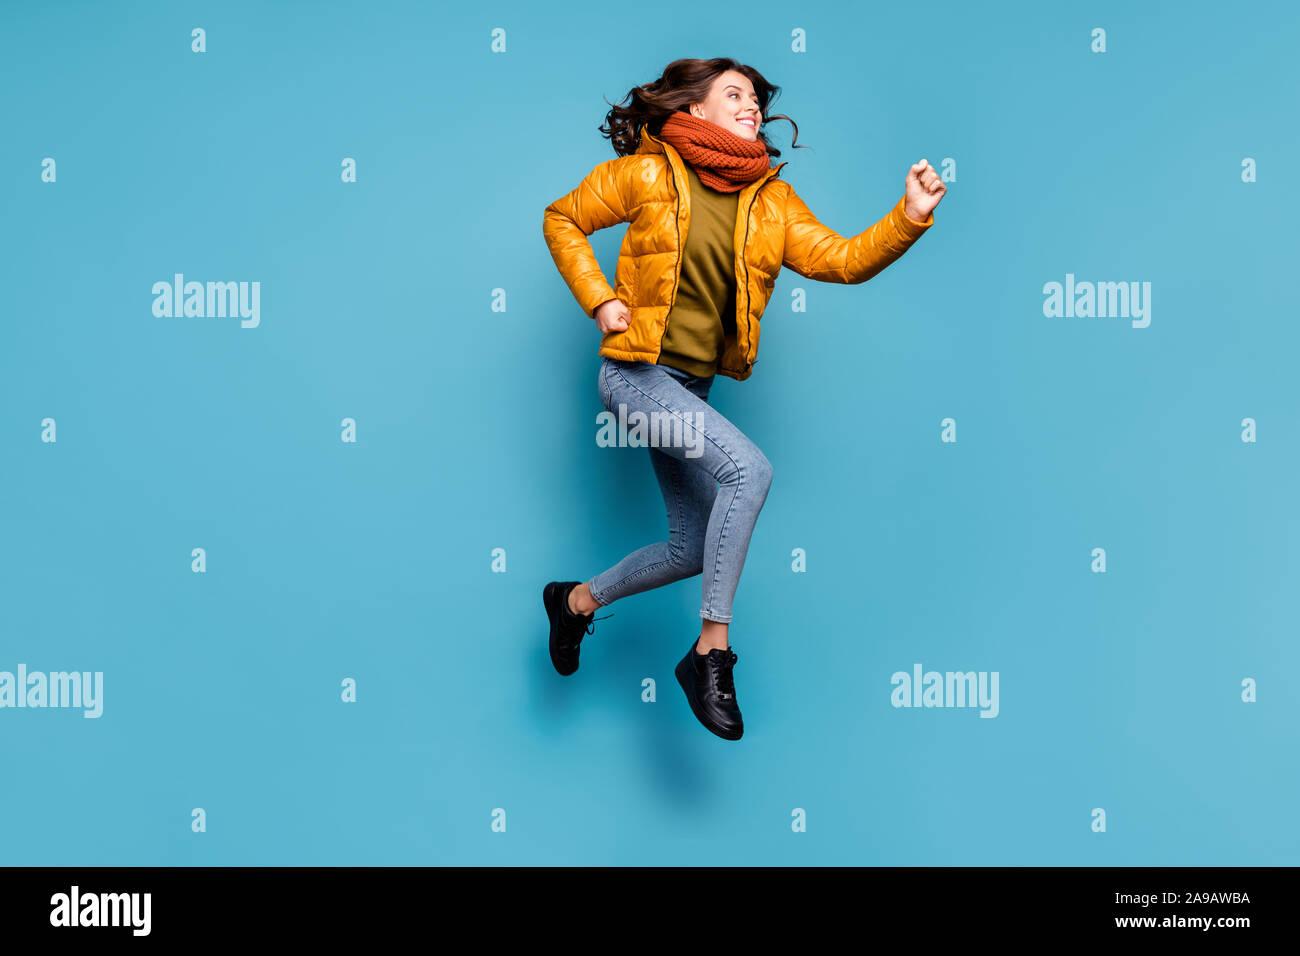 Photo de pleine longueur saut dame millénaire fou la vitesse de course haute saison des achats promotions porter jeans coupe-vent pull élégant foulard isolés Banque D'Images